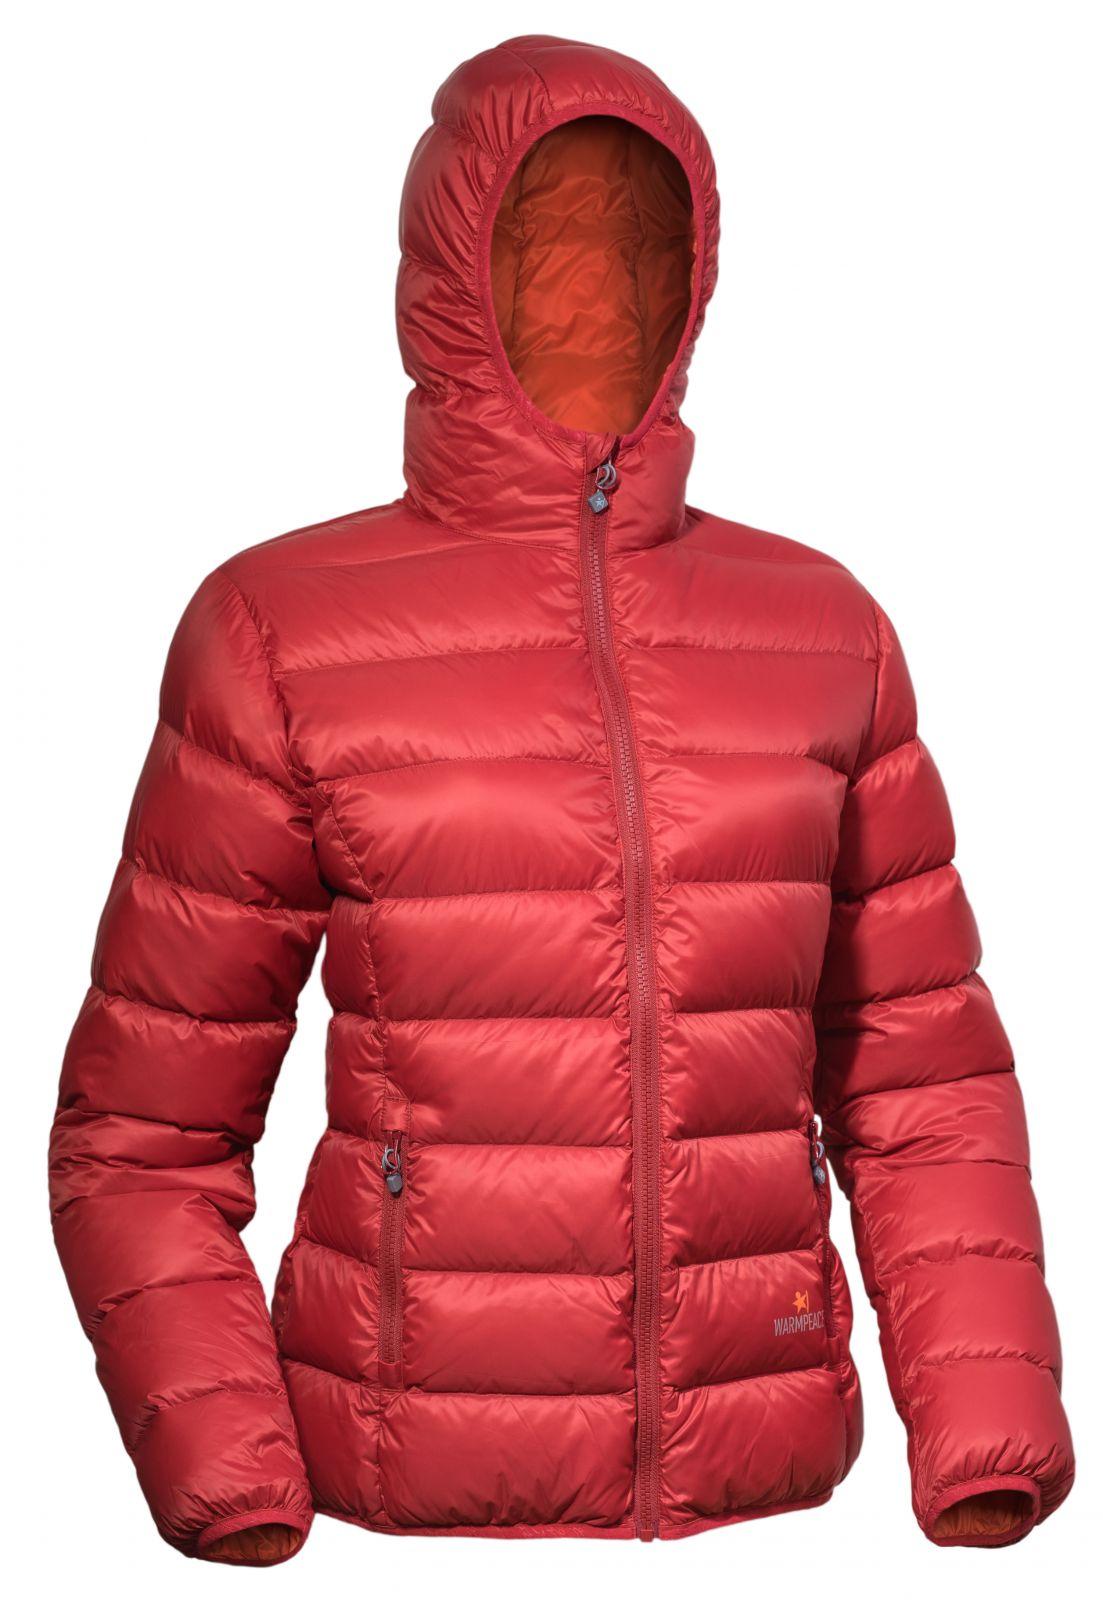 Warmpeace Tacoma lady mars red/orange dámská péřová bunda